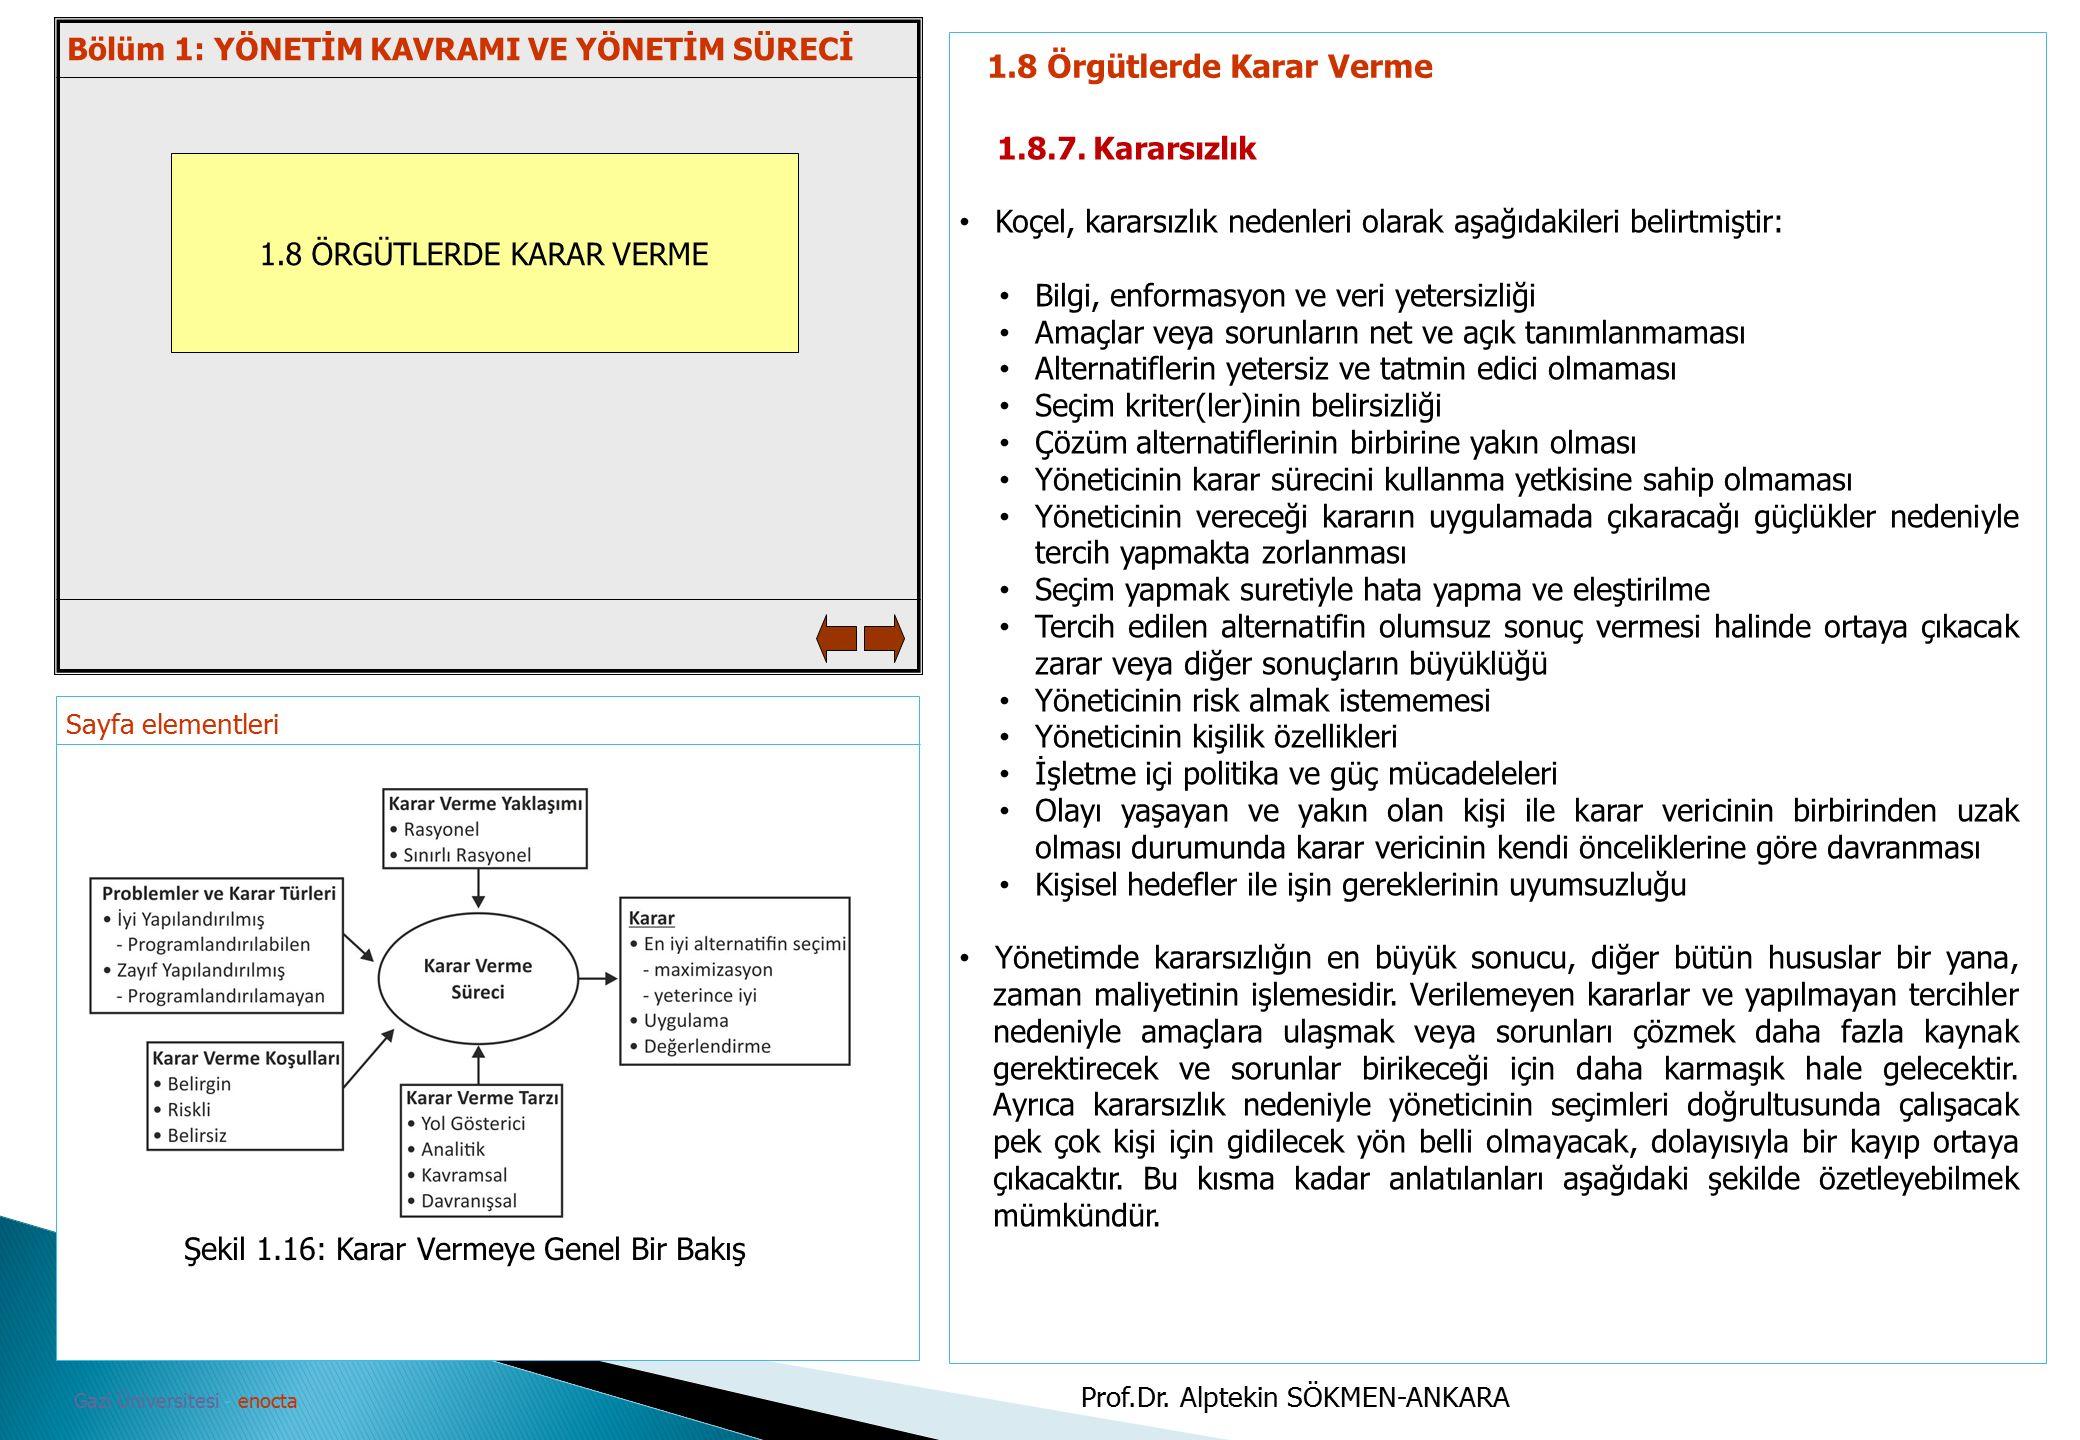 Sayfa elementleri Gazi Üniversitesi - enocta 1.8 ÖRGÜTLERDE KARAR VERME 1.8 Örgütlerde Karar Verme 1.8.7. Kararsızlık Koçel, kararsızlık nedenleri ola